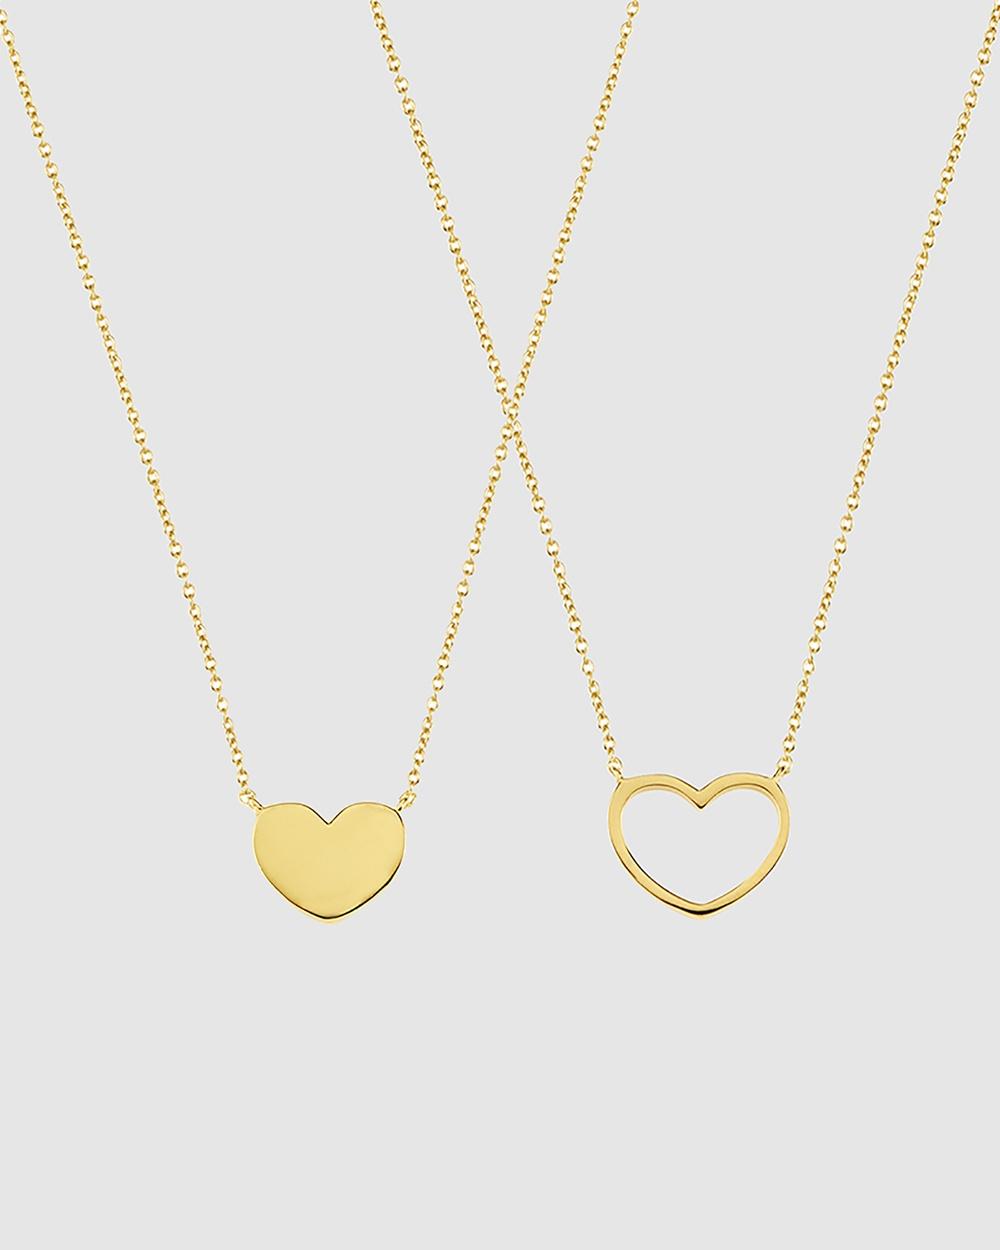 Secret Sisterhood Love Heart Friendship Necklaces Jewellery Gold